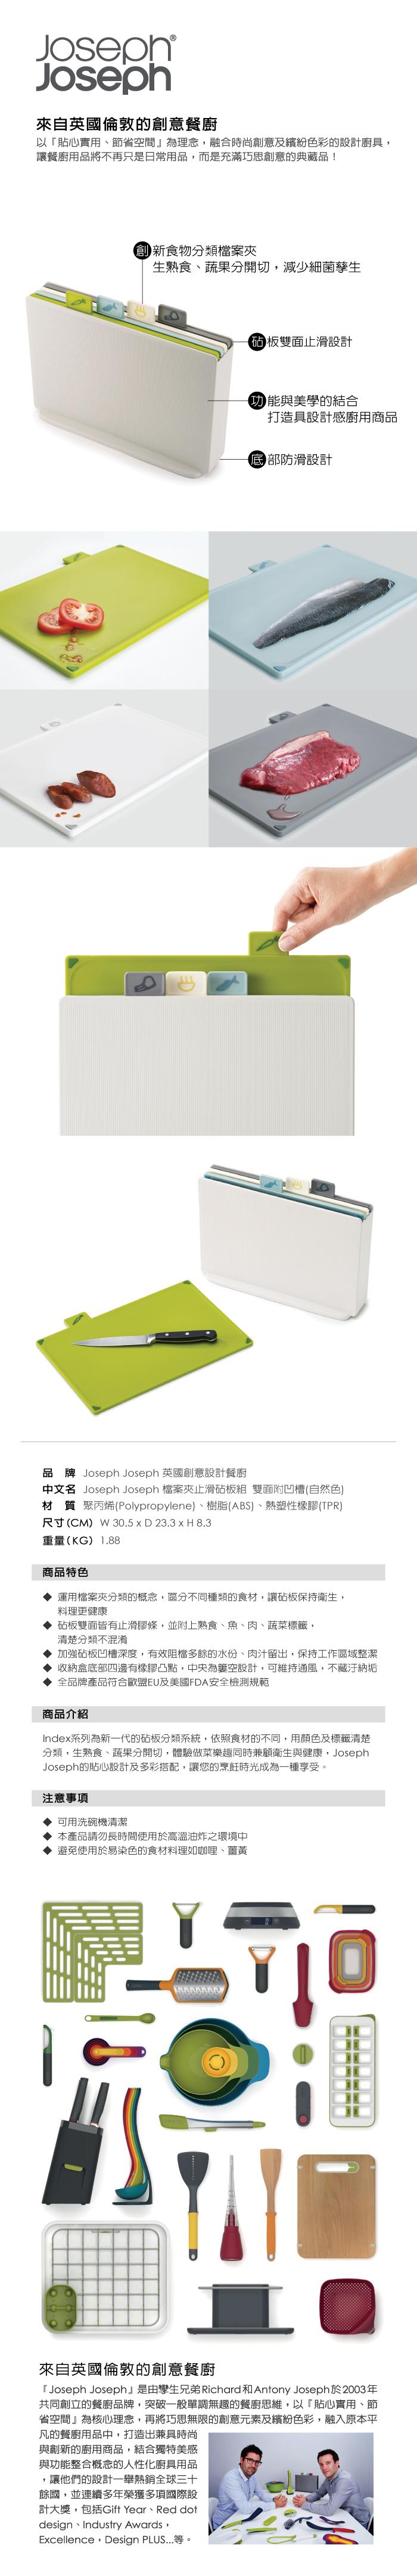 (複製)Joseph Joseph|英國創意餐廚 檔案夾止滑砧板組-雙面附凹槽(小銀)